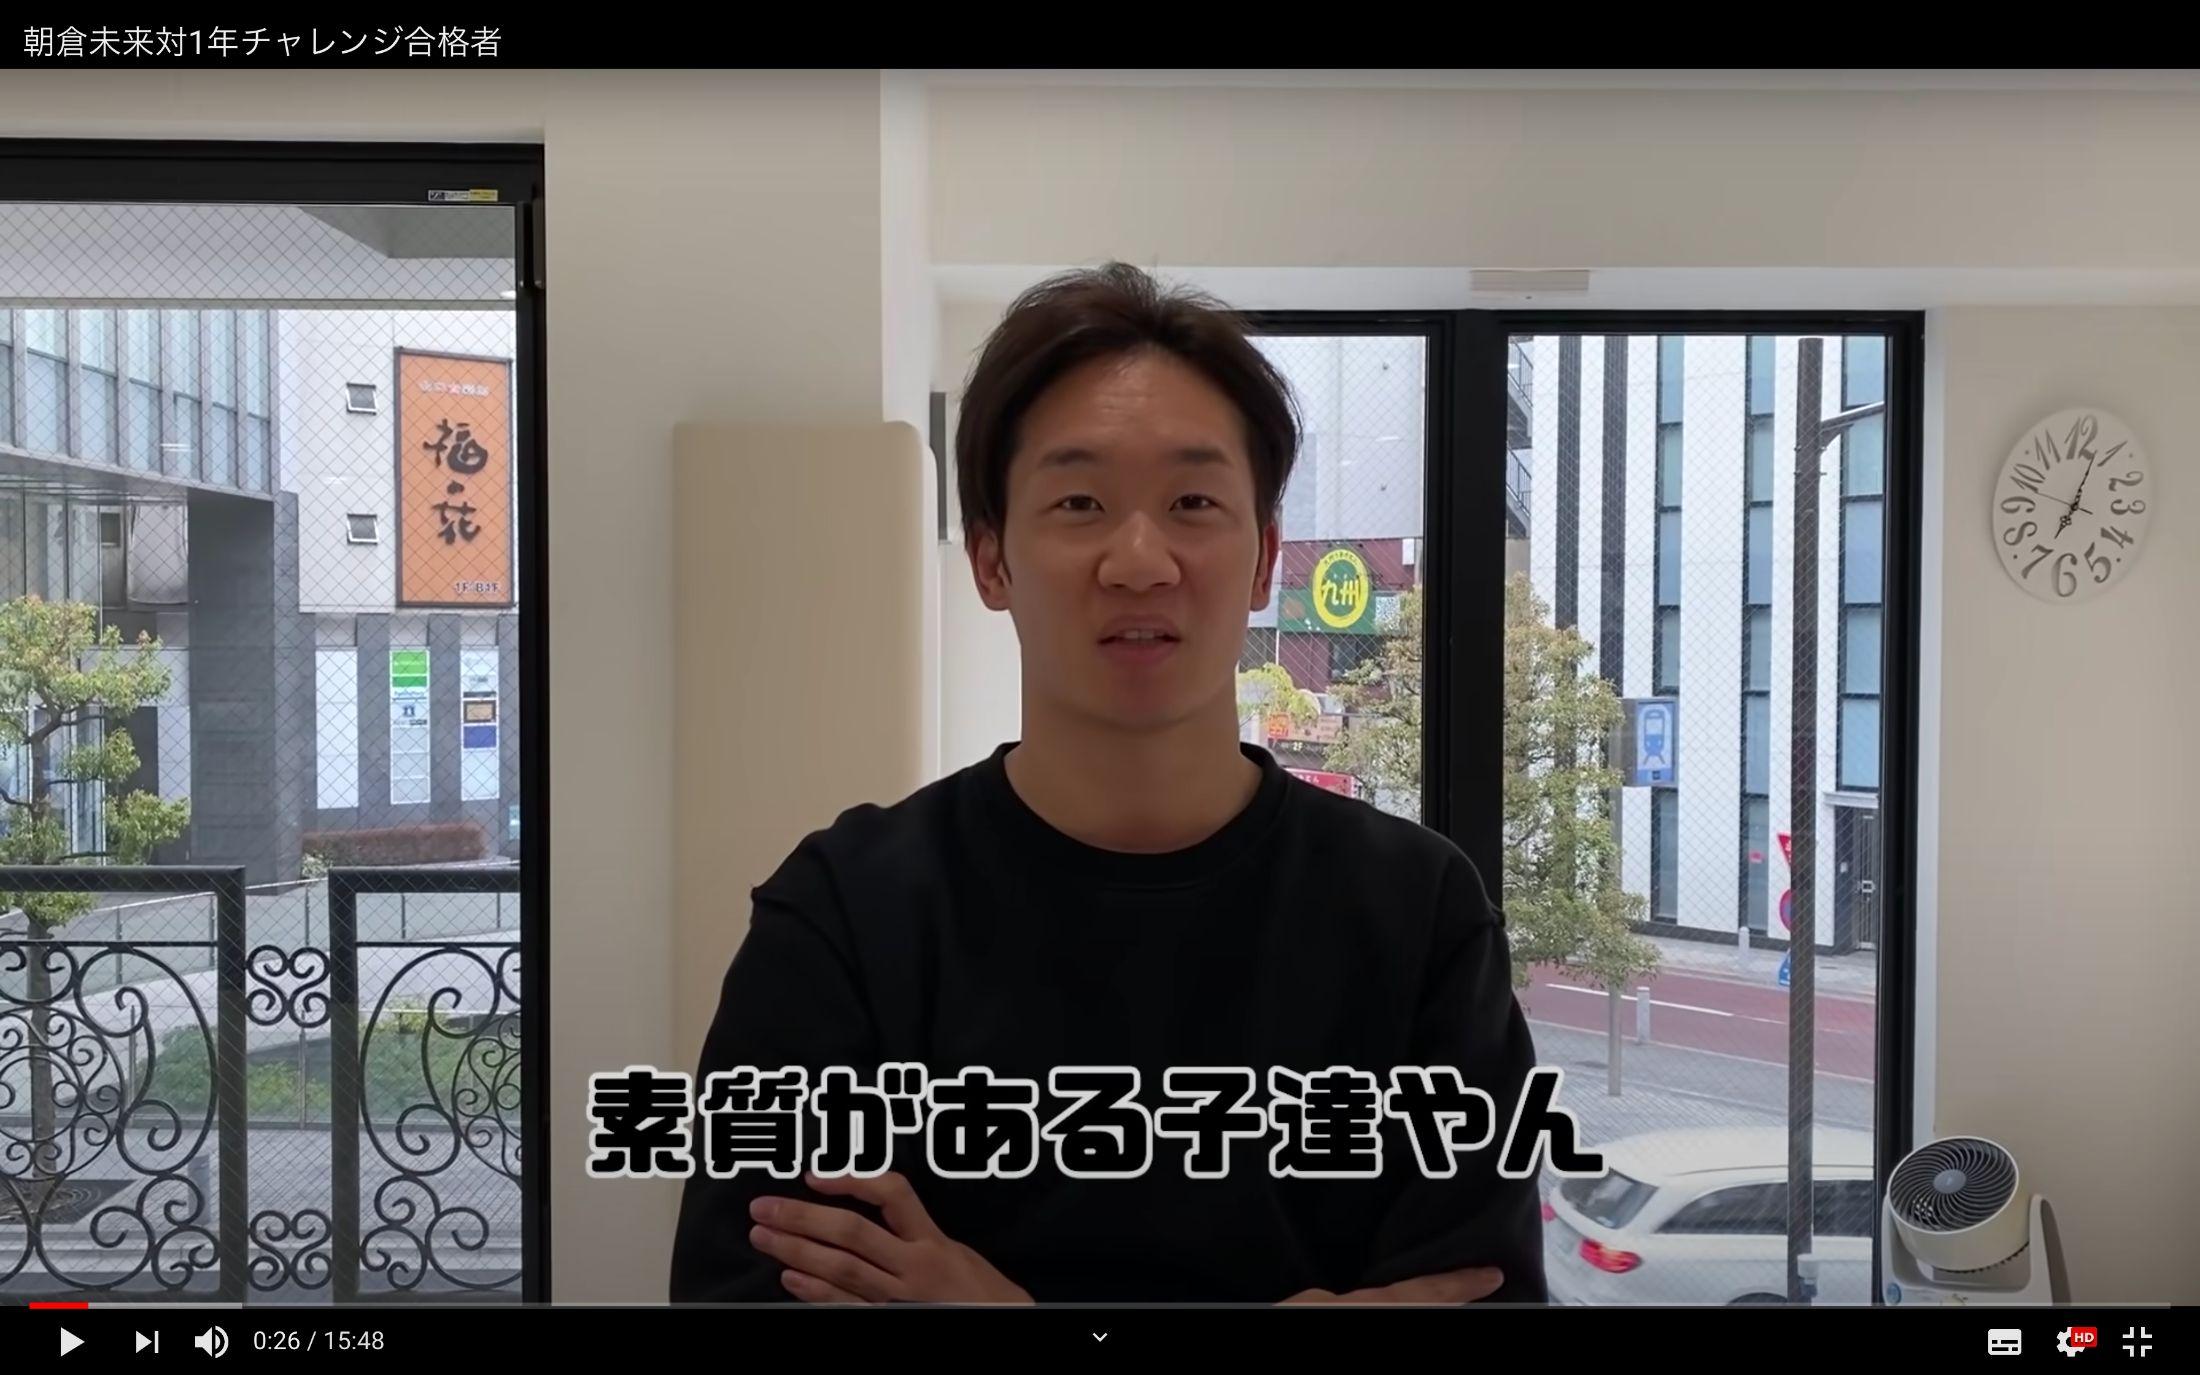 チャンネル 朝倉 メンバー 未来